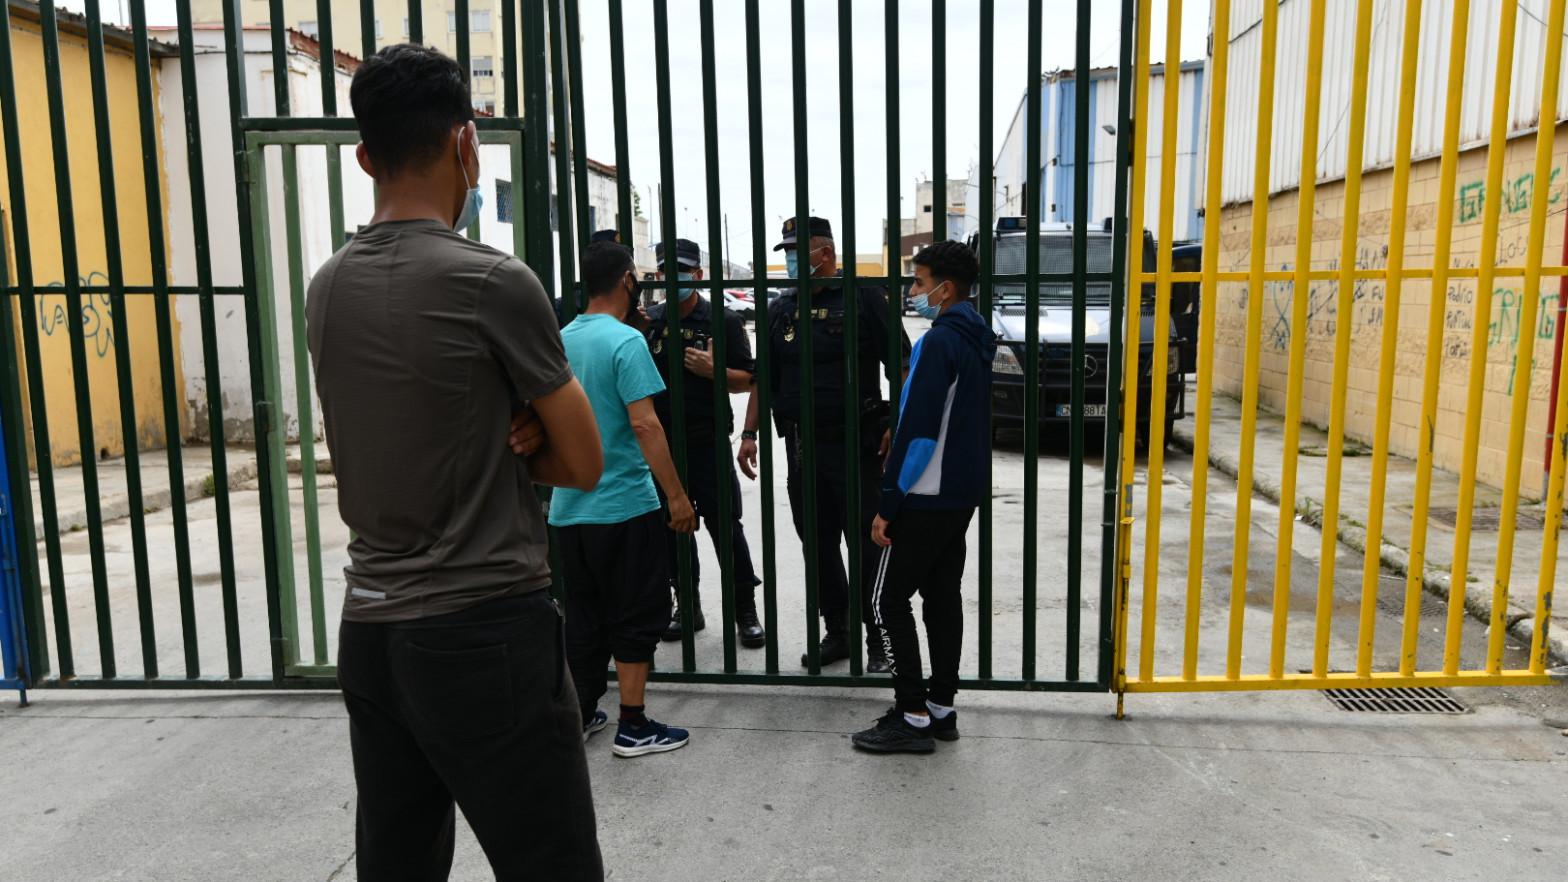 La falta de documentación de los menores inmigrantes dificulta los trámites para repatriarlos a Marruecos